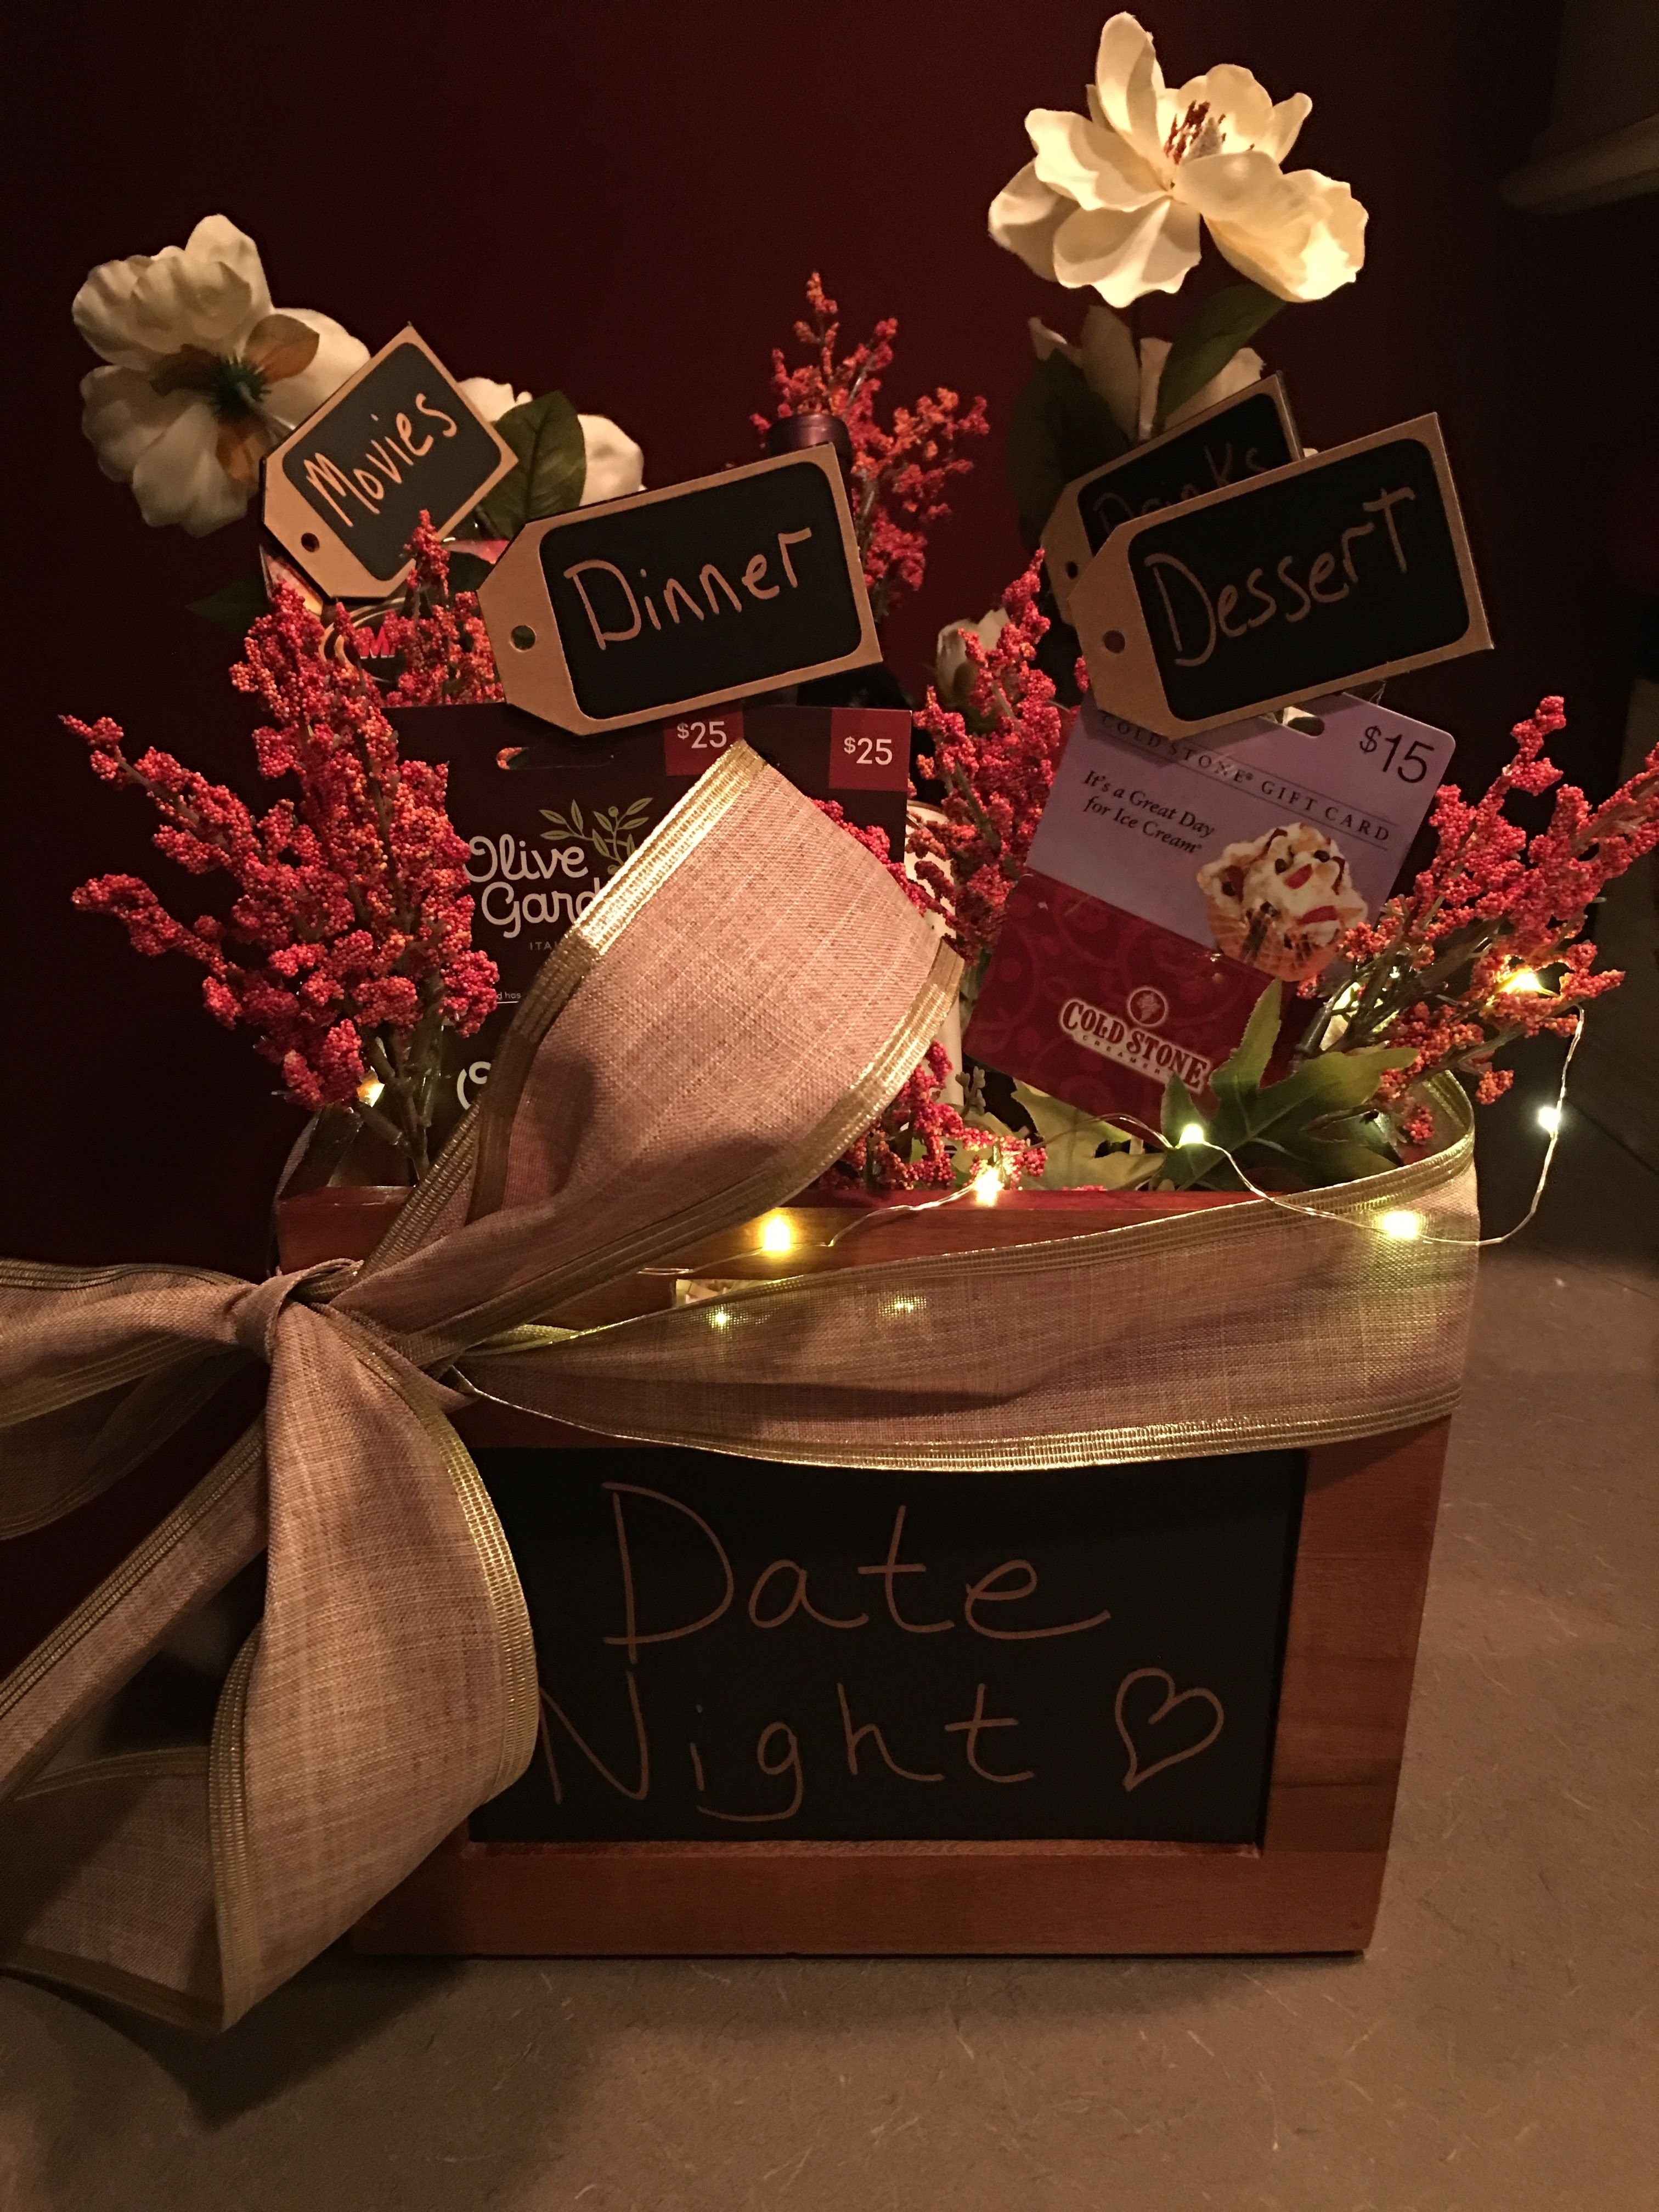 10 Best Date Night Gift Basket Ideas date night gift basket crafty pinterest gift basket ideas and 1 2021